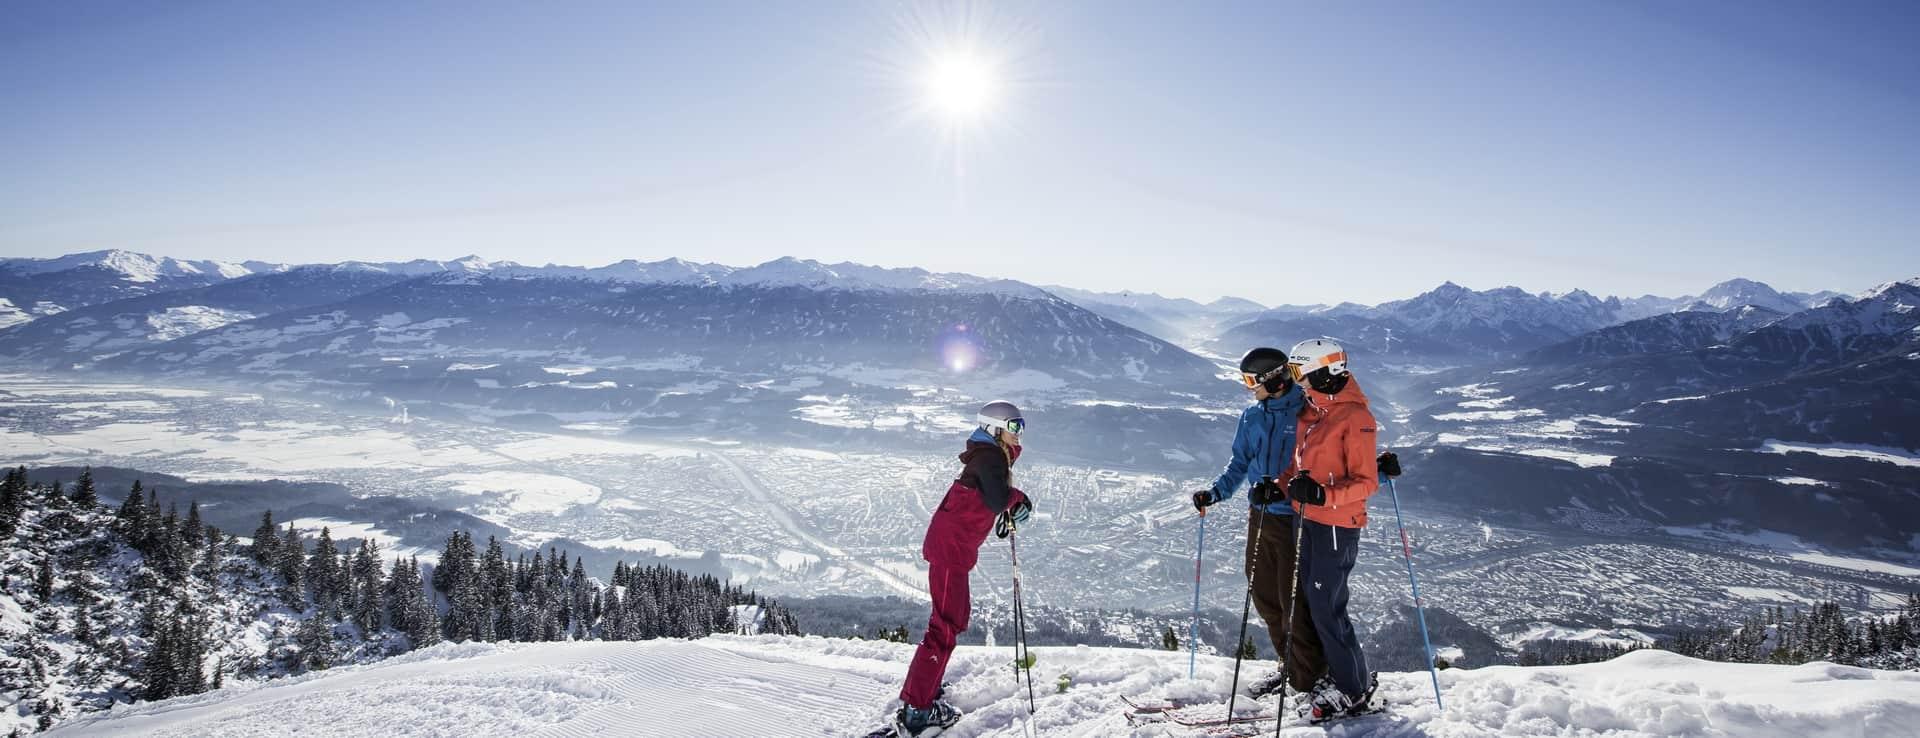 Skifahren auf der Nordkette Innsbruck